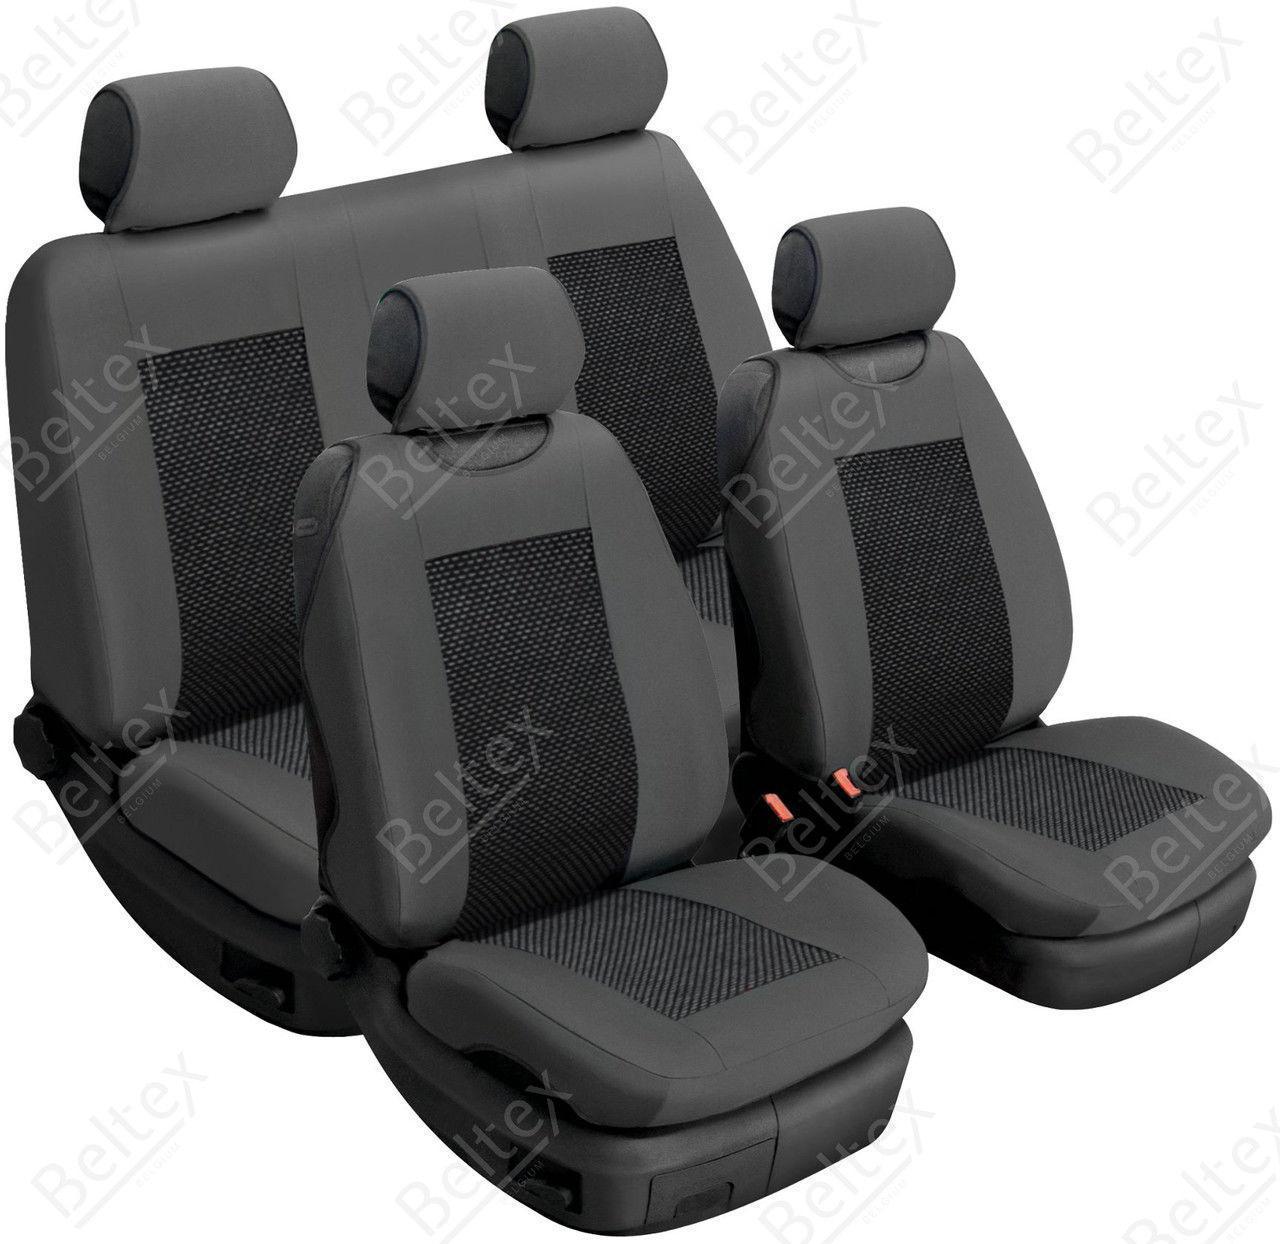 Майки/чехлы на сиденья Лексус ИС 300 (Lexus IS300)